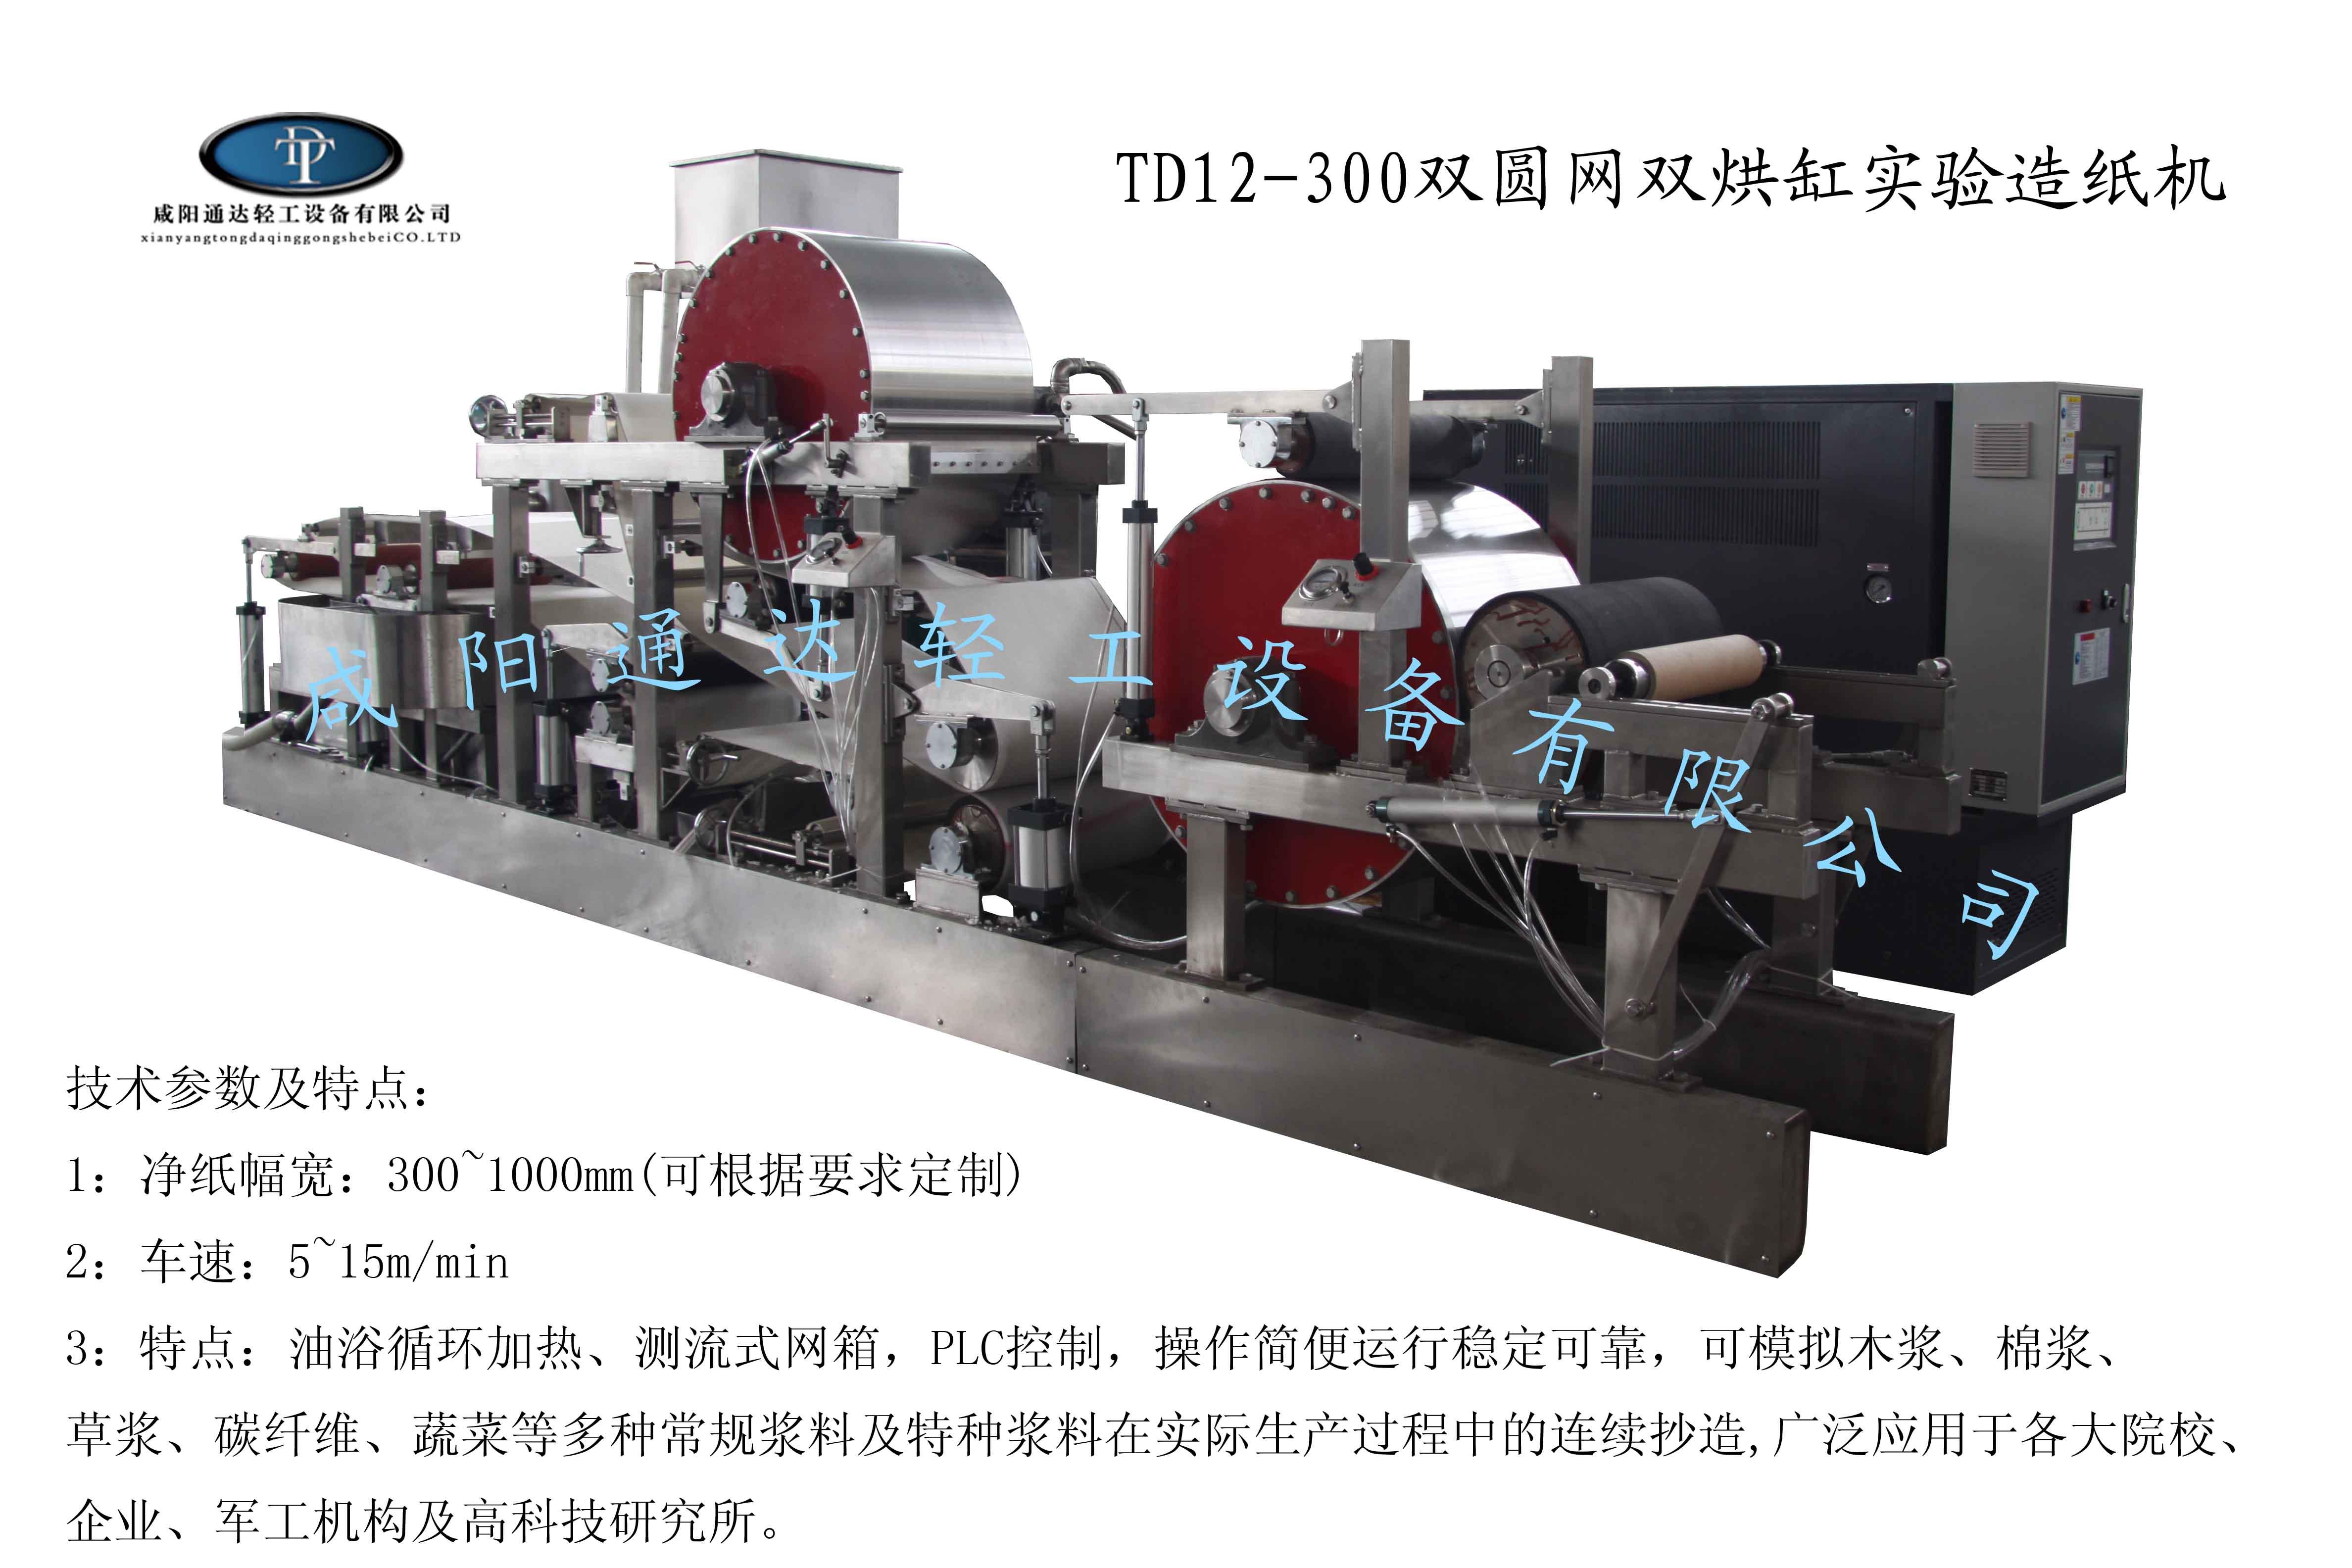 TD12-300双圆网双烘缸实验造纸机